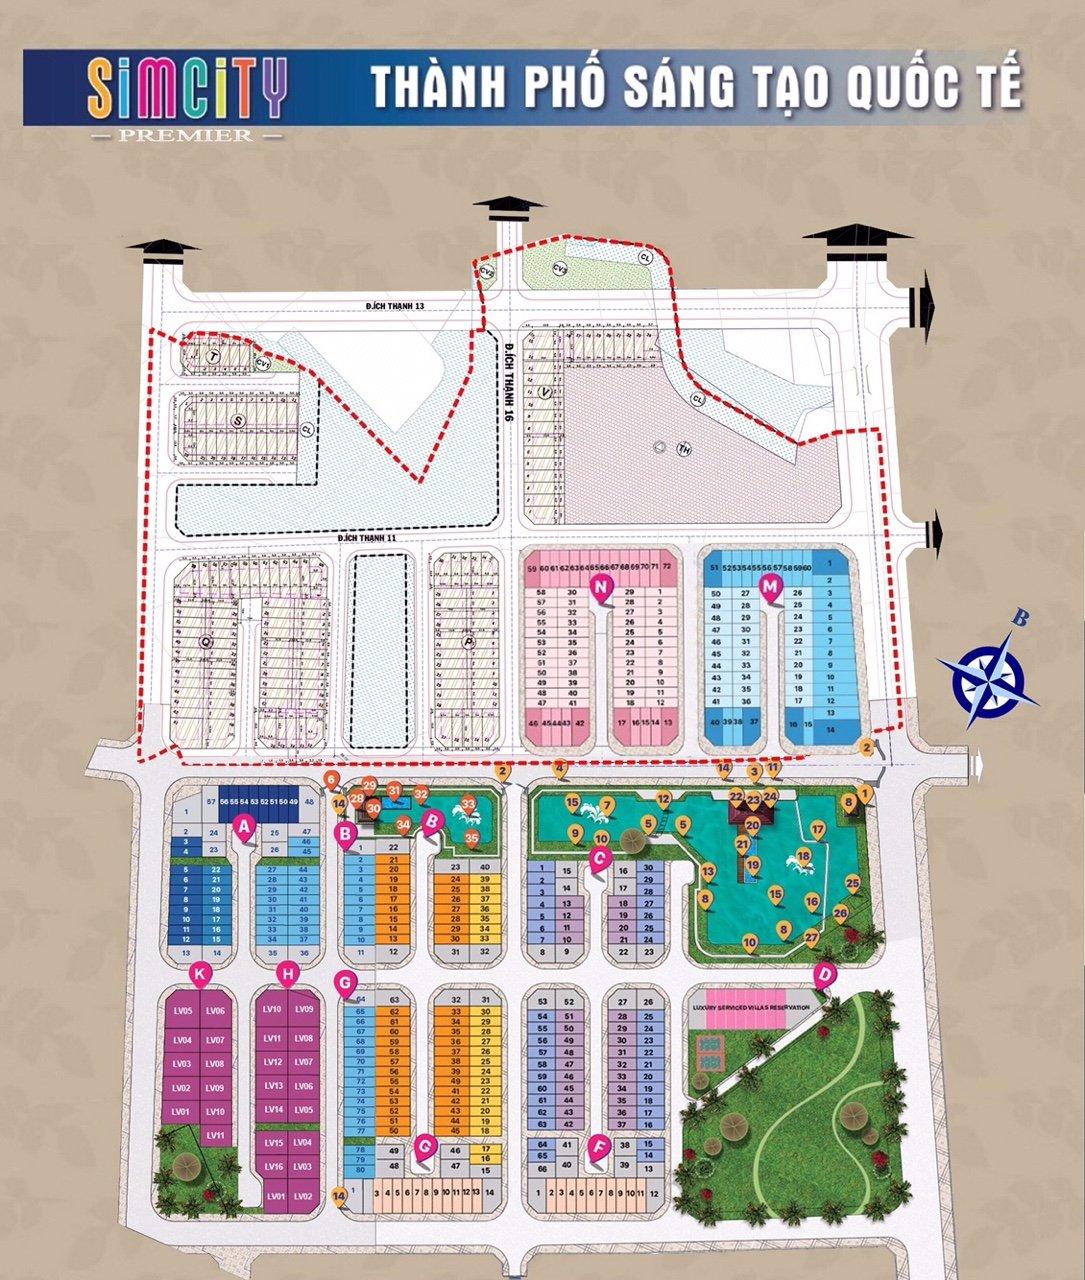 Giai đoạn 2 dự án Sim City quận 9